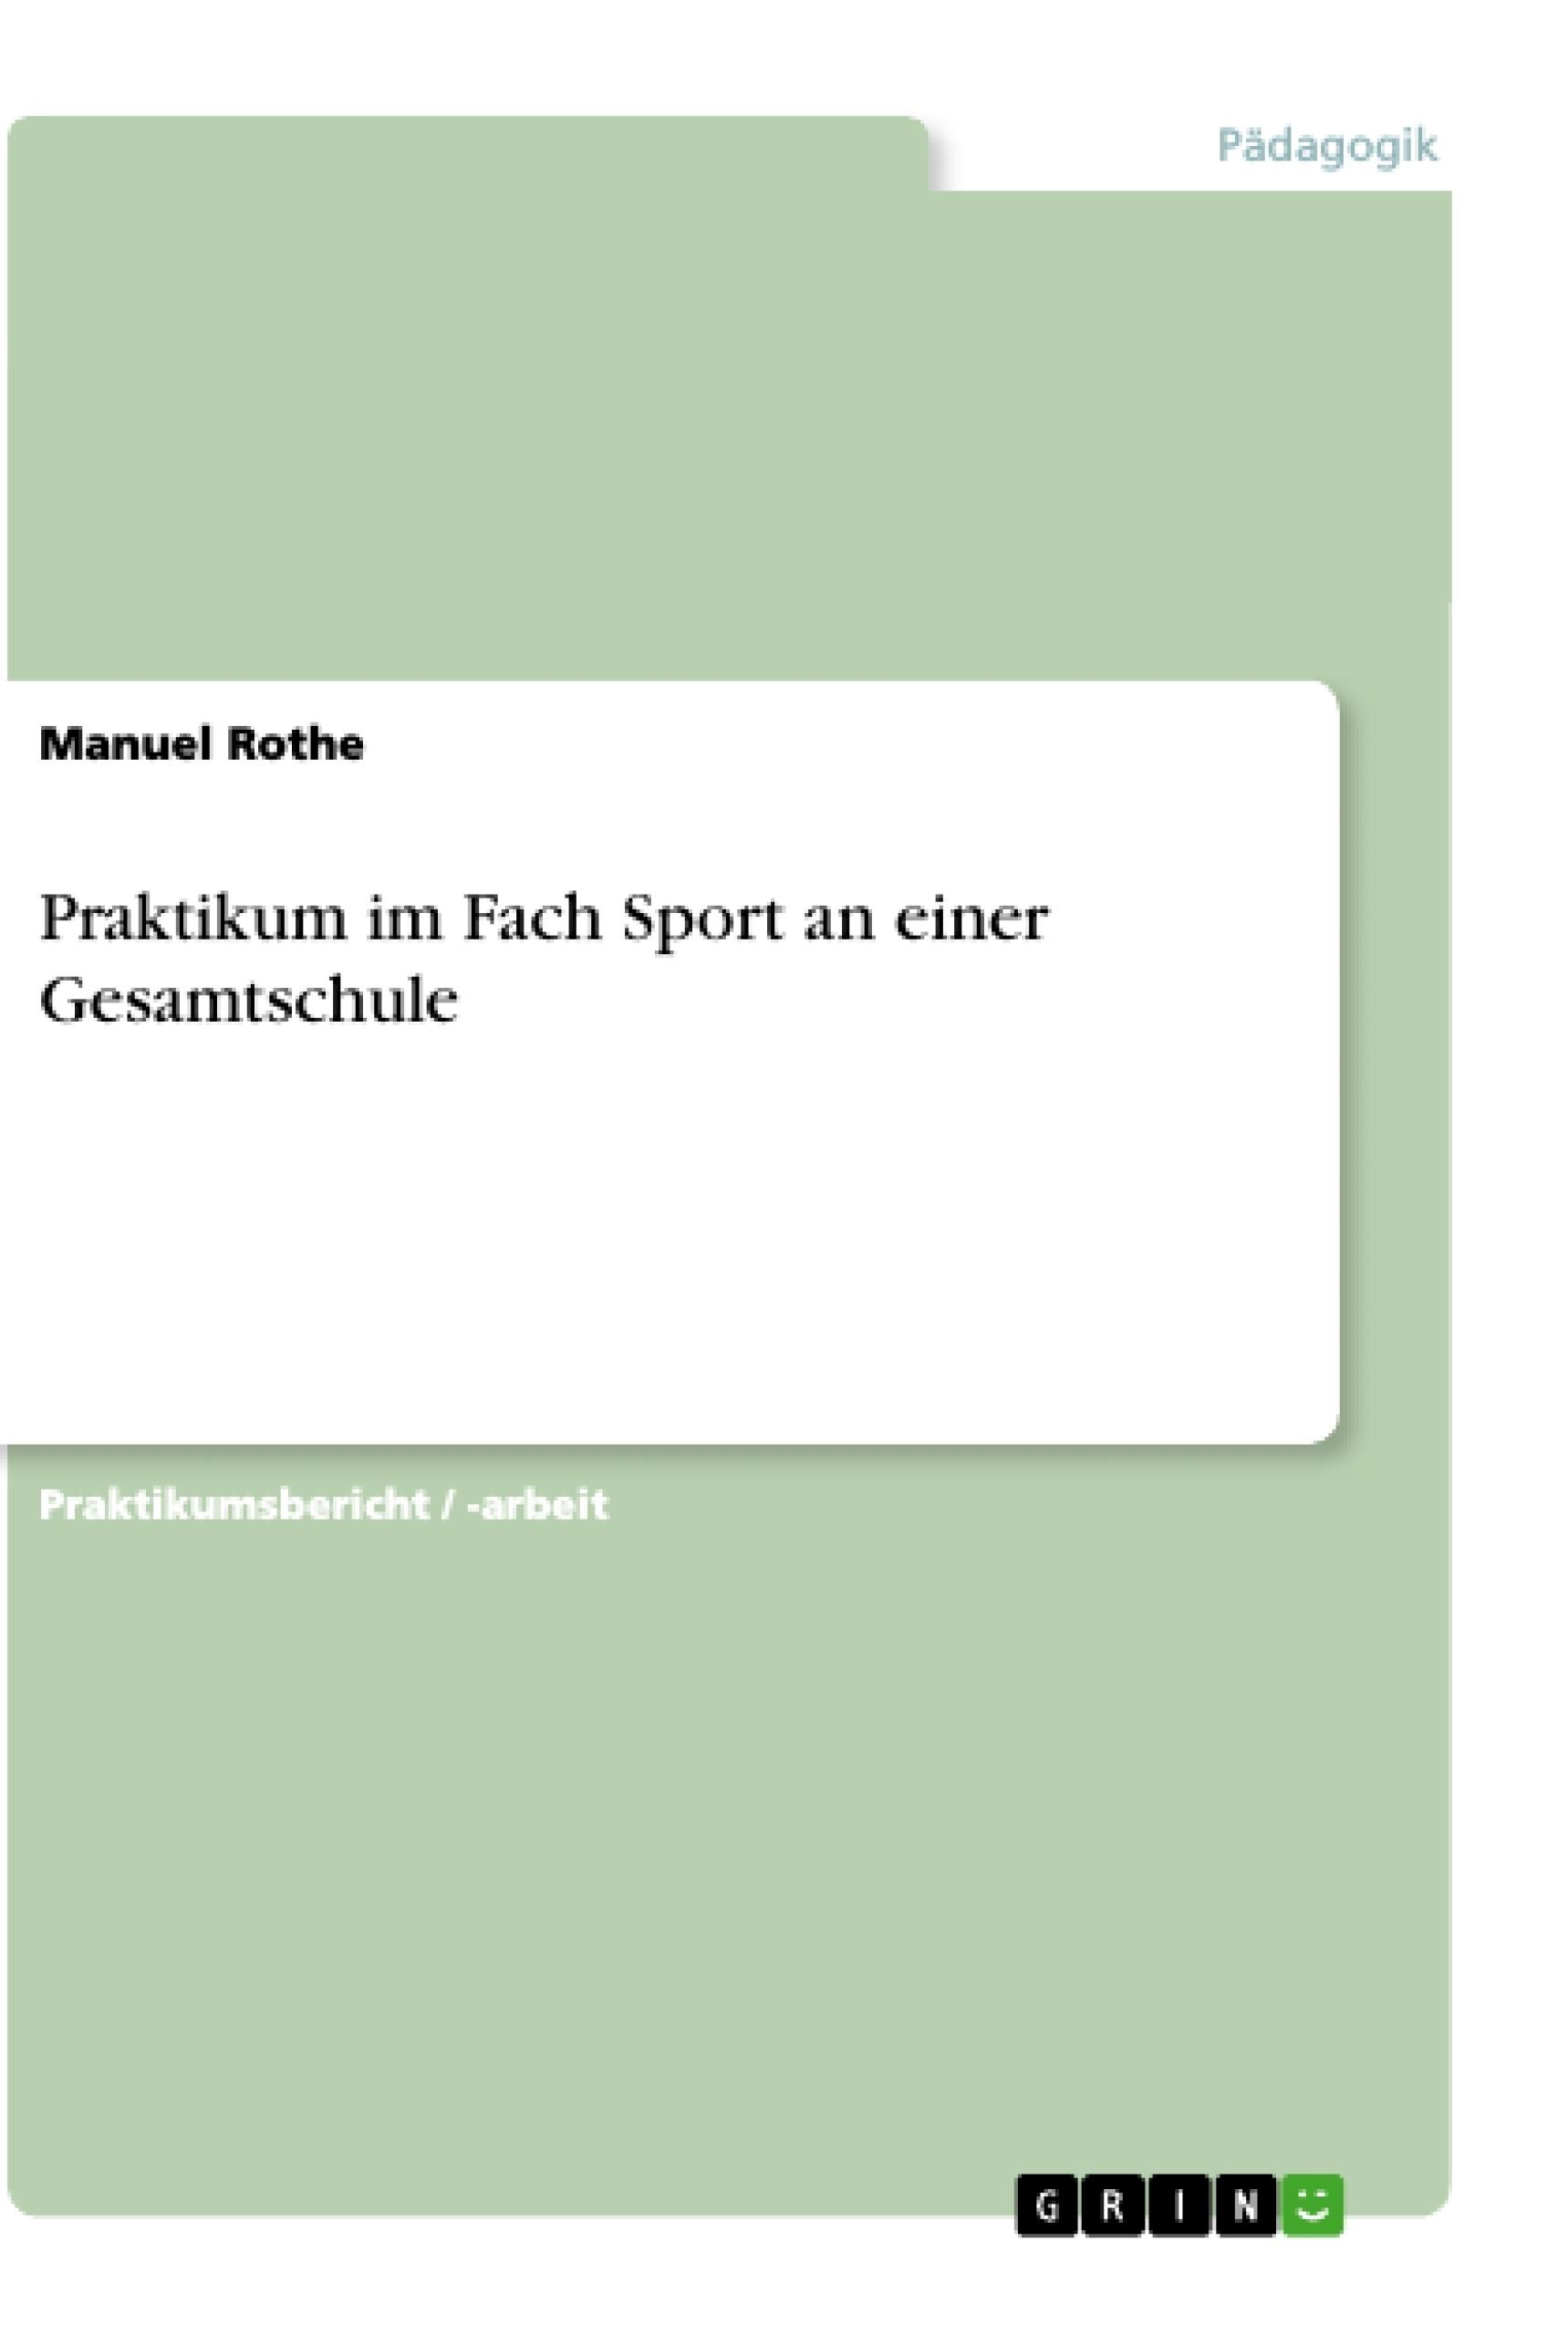 Titel: Praktikum im Fach Sport an einer Gesamtschule